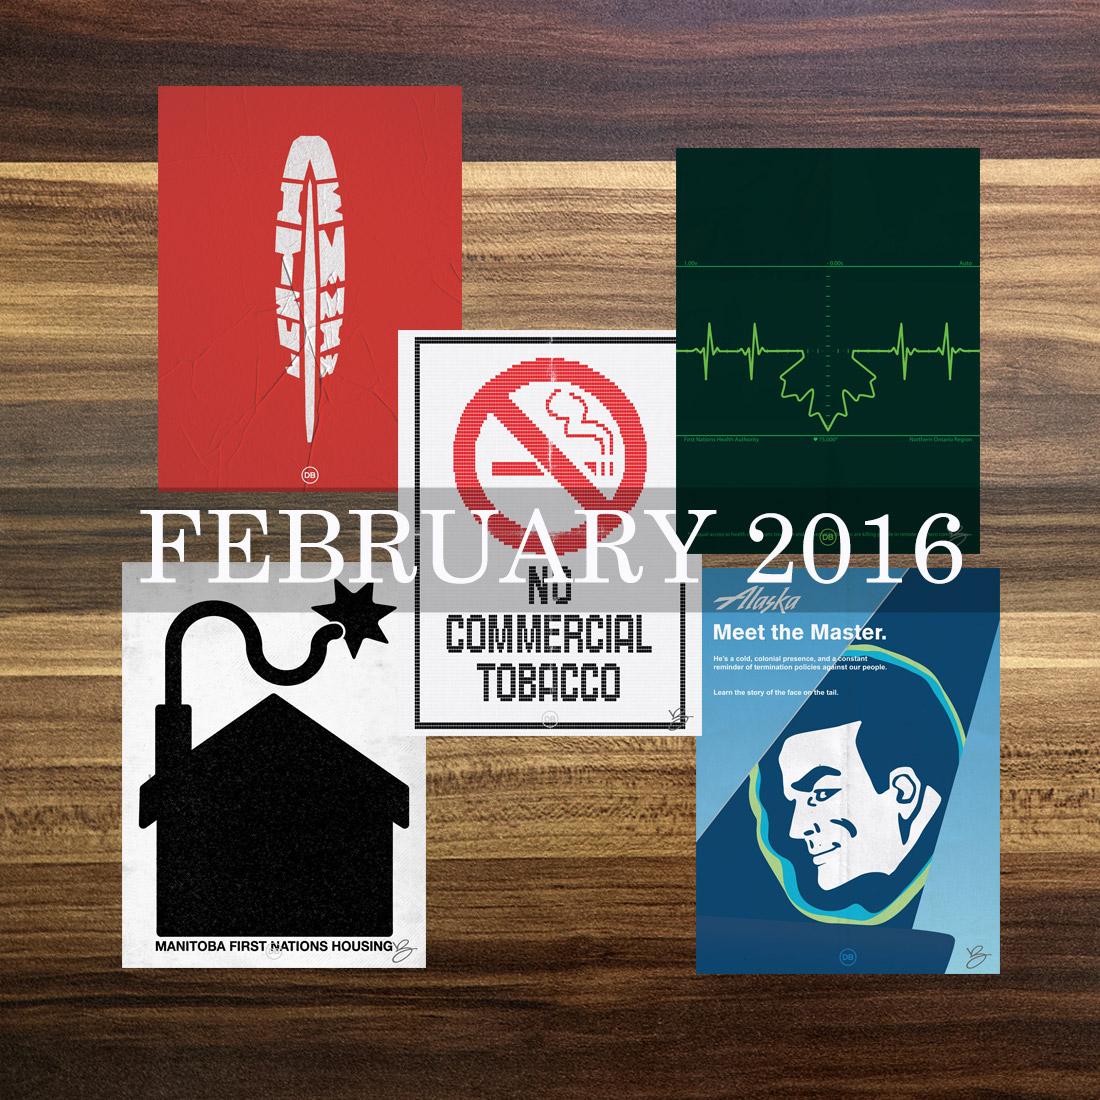 Art Roundup David Bernie Blog February 2016 Art Roundup